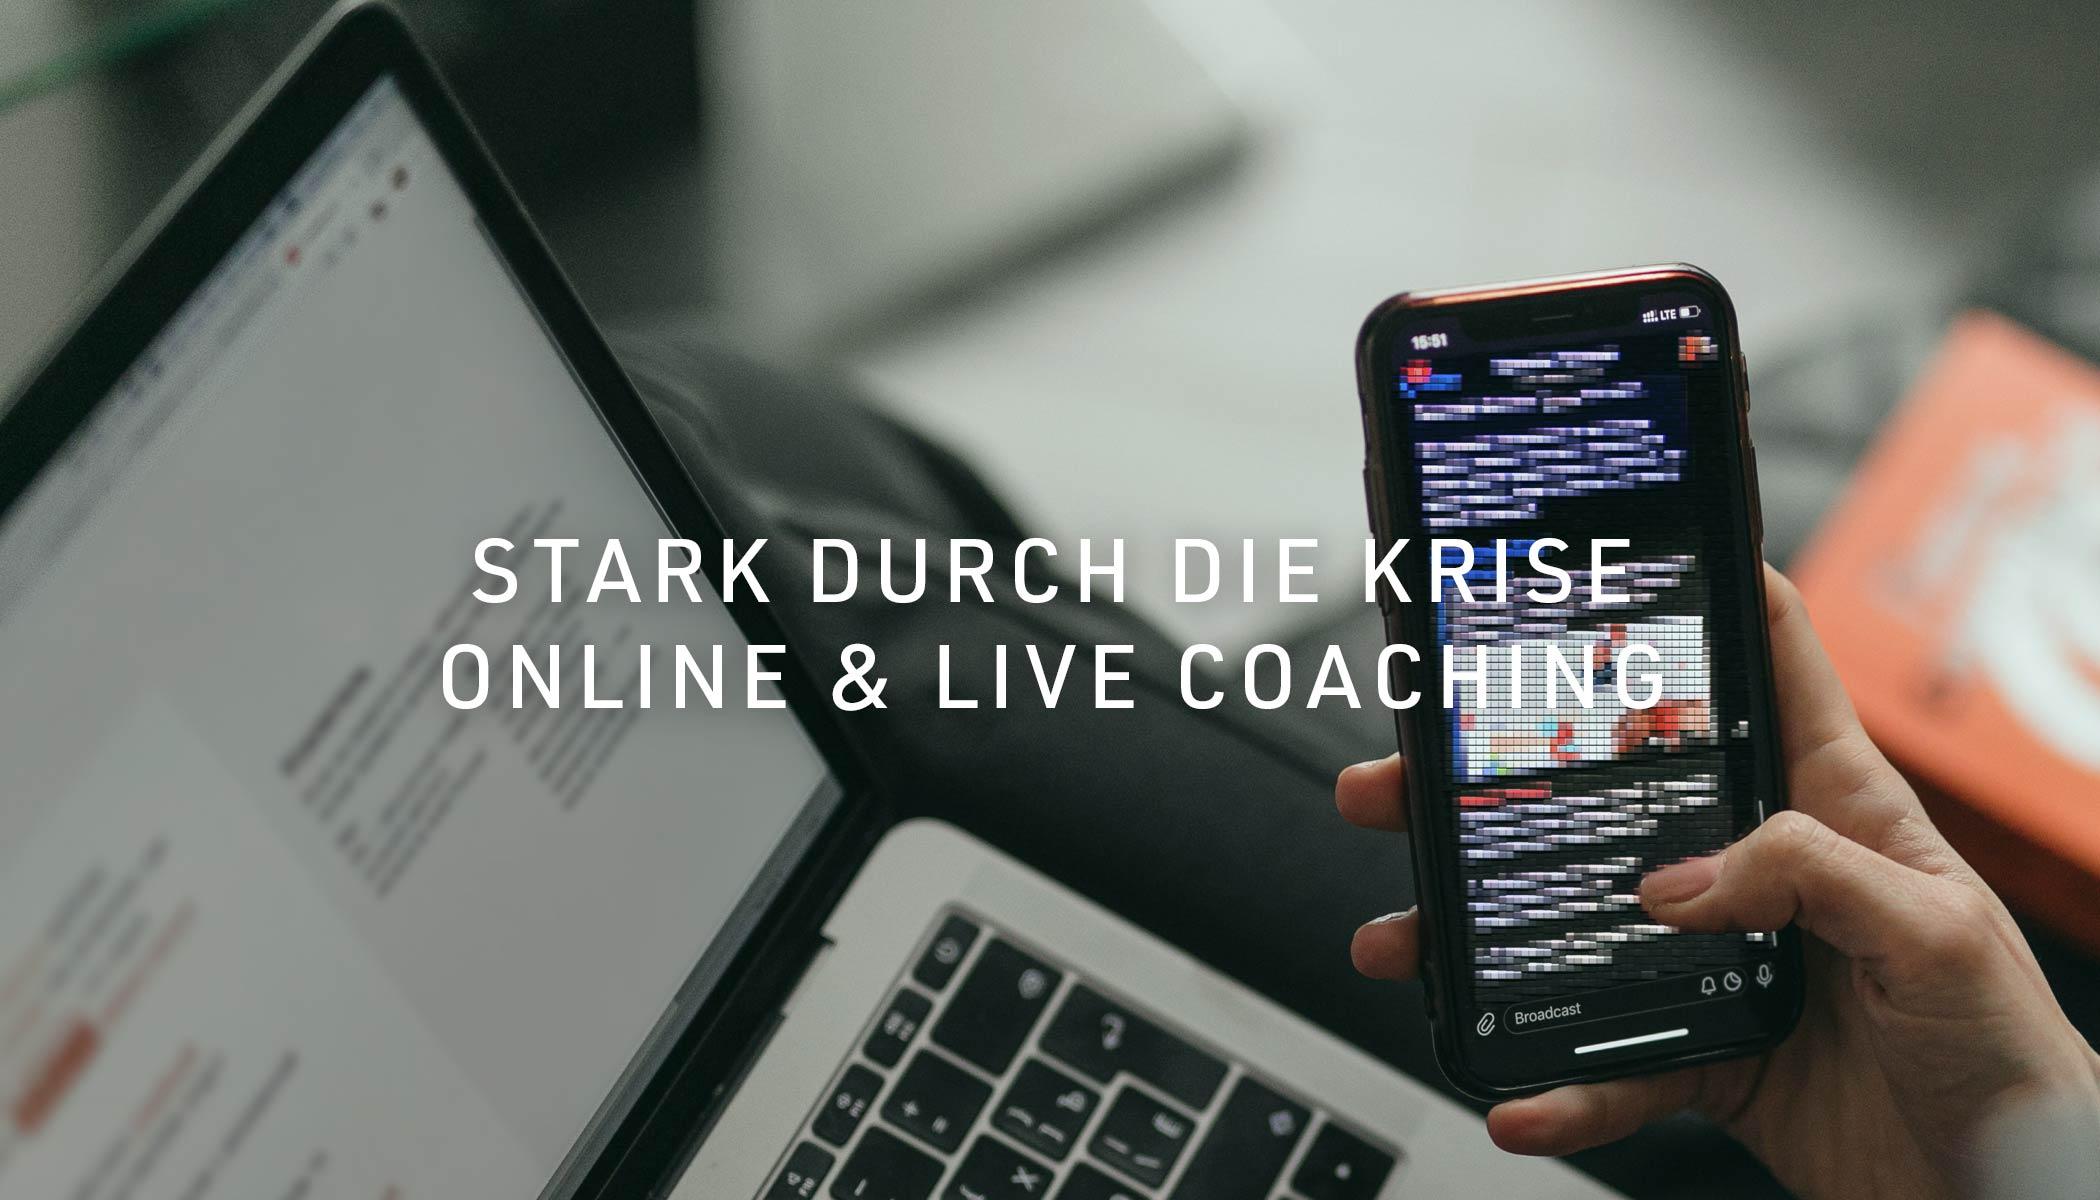 Stark durch die Krise - Online & Live Coaching